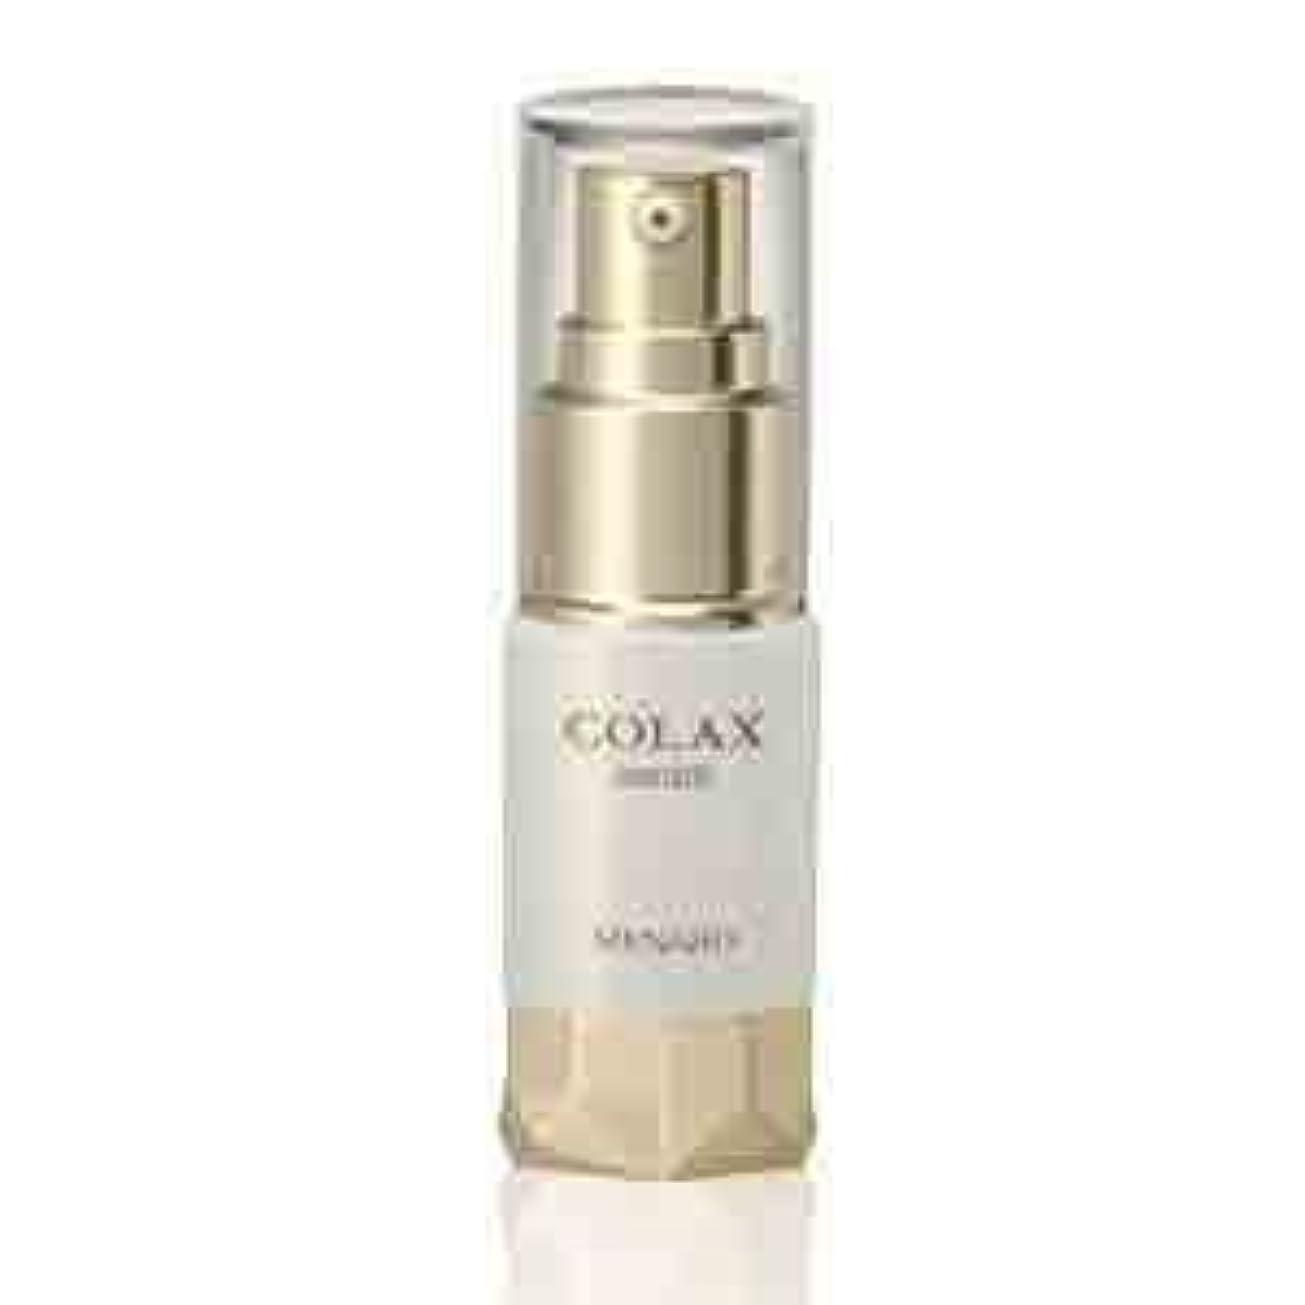 乳物語クロールメナード コラックスB 21mL しっとりとしたうるおいを与え、豊潤な肌へ導く美容液!